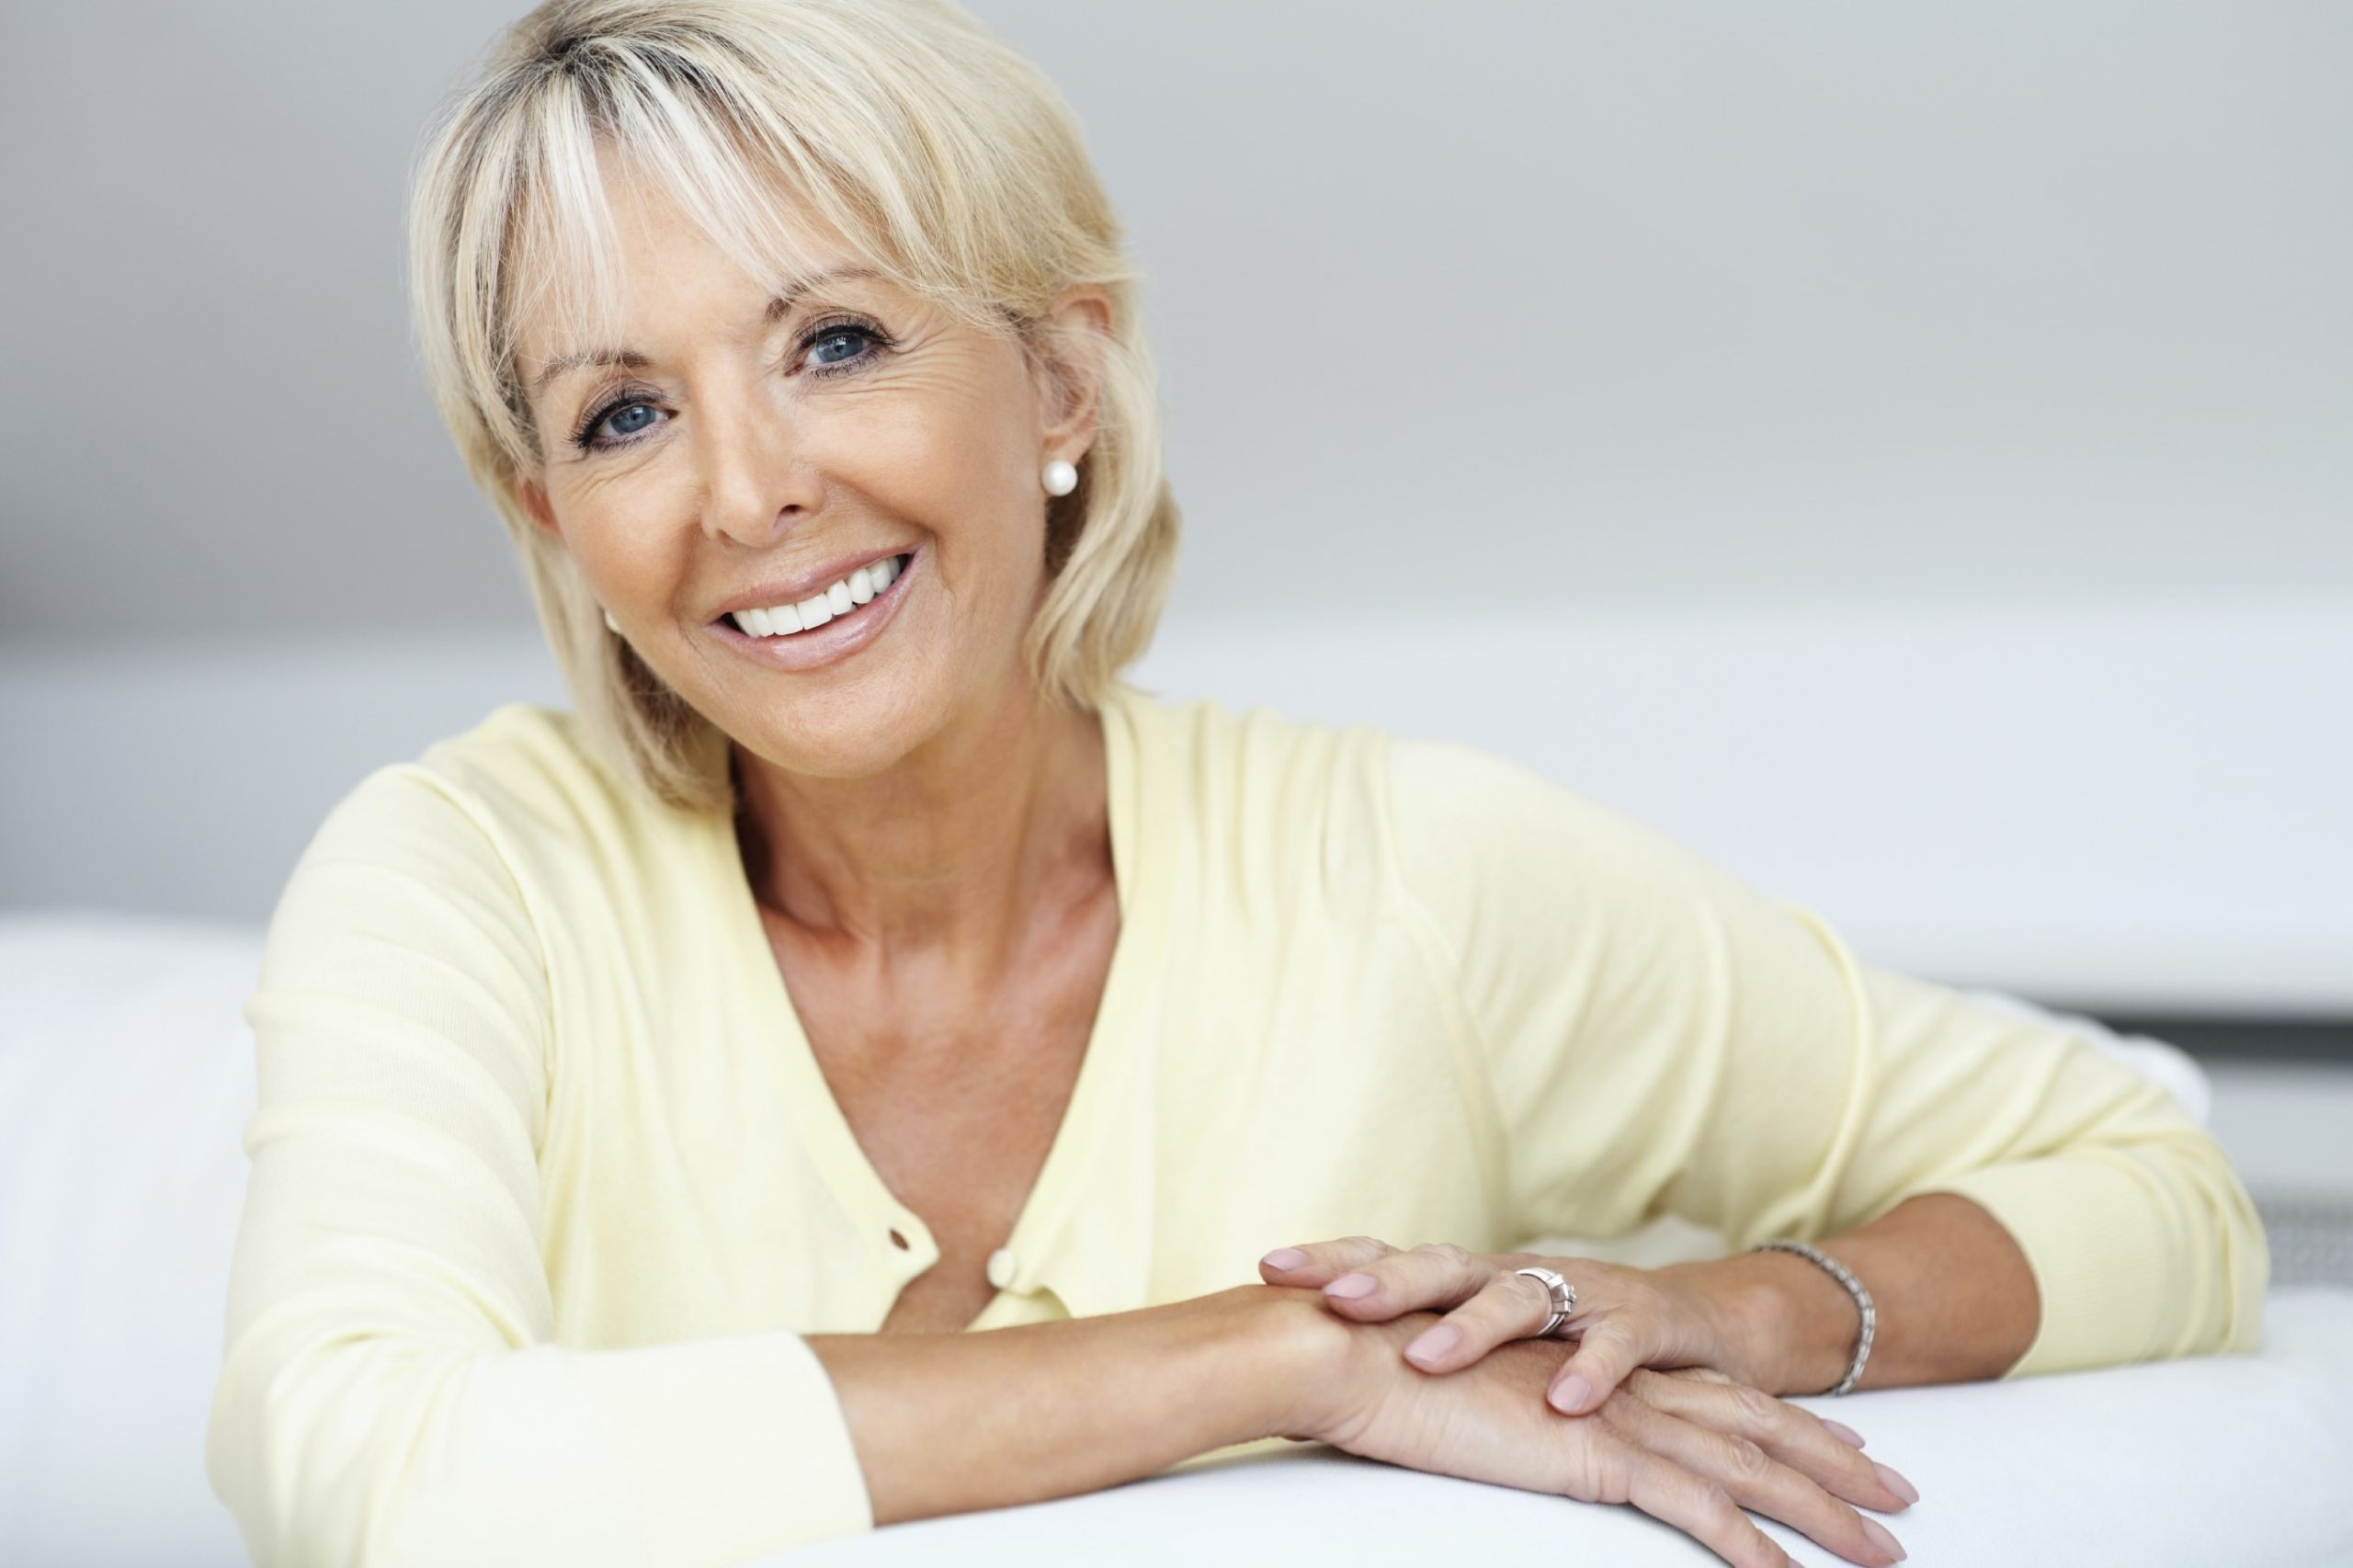 cum să slăbești peste 50 de ani